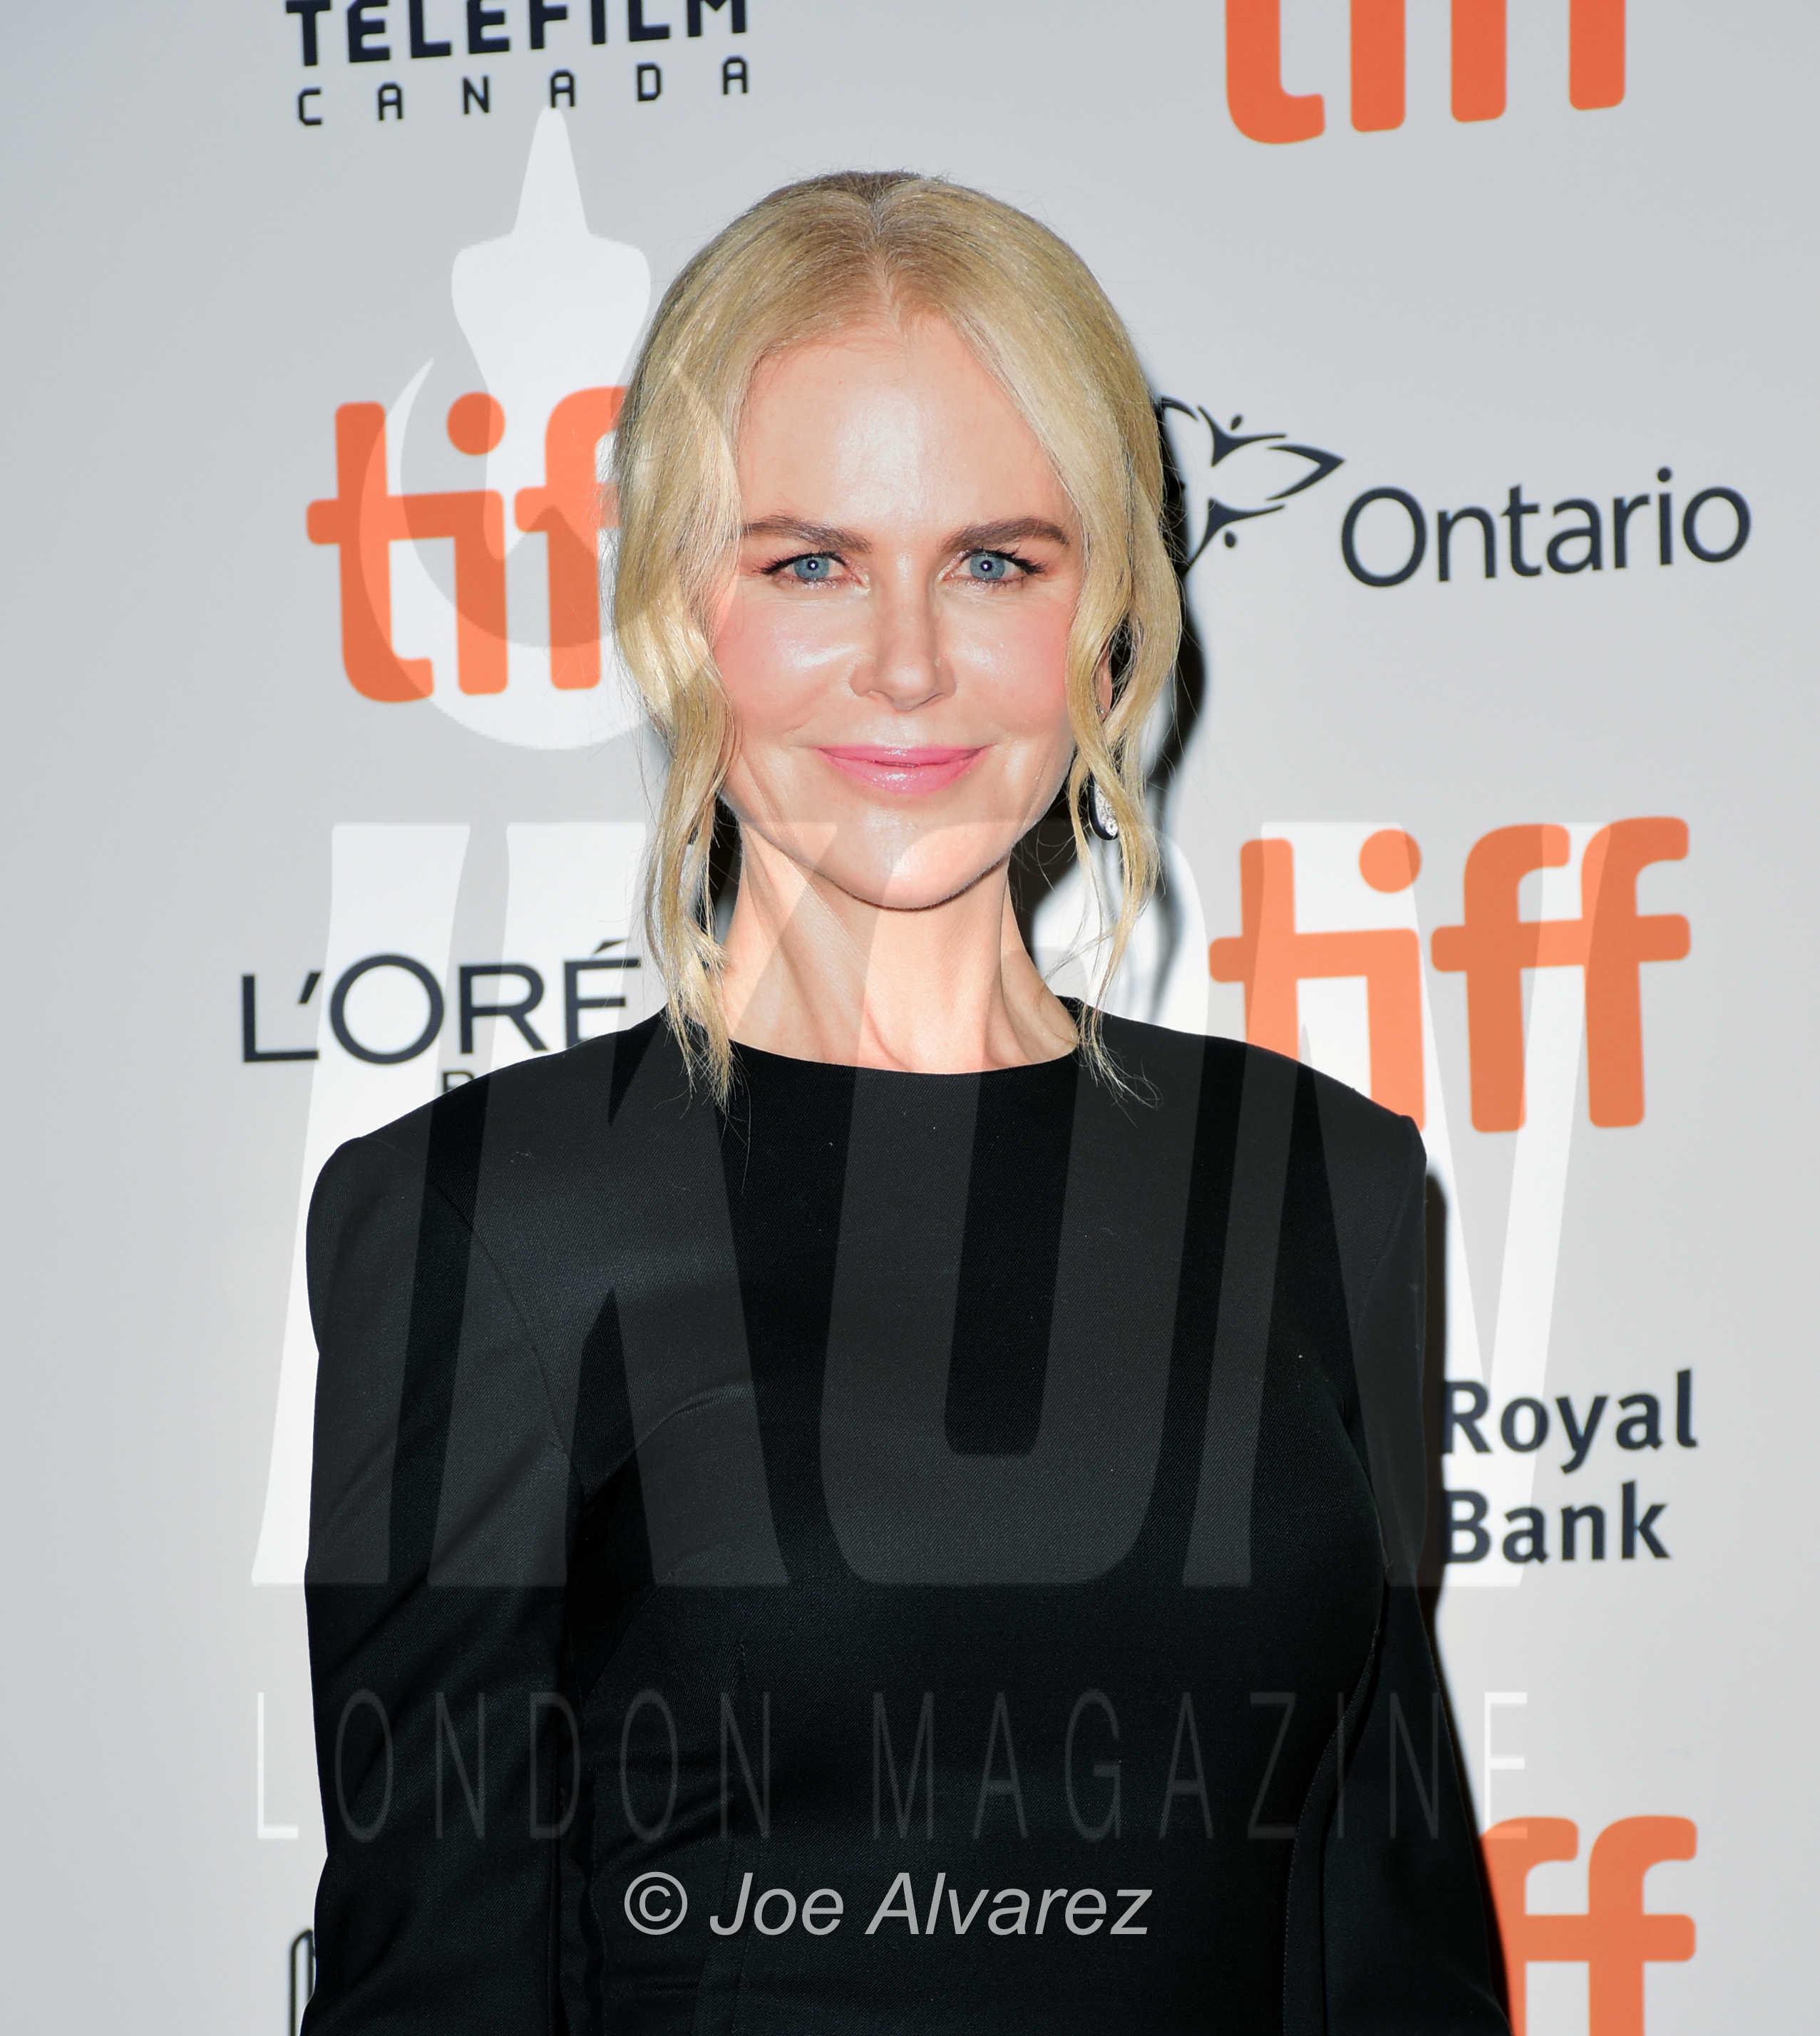 Nicole Kidman at the Boy Erased premiere Toronto Film Festival TIFF © Joe Alvarez 20903